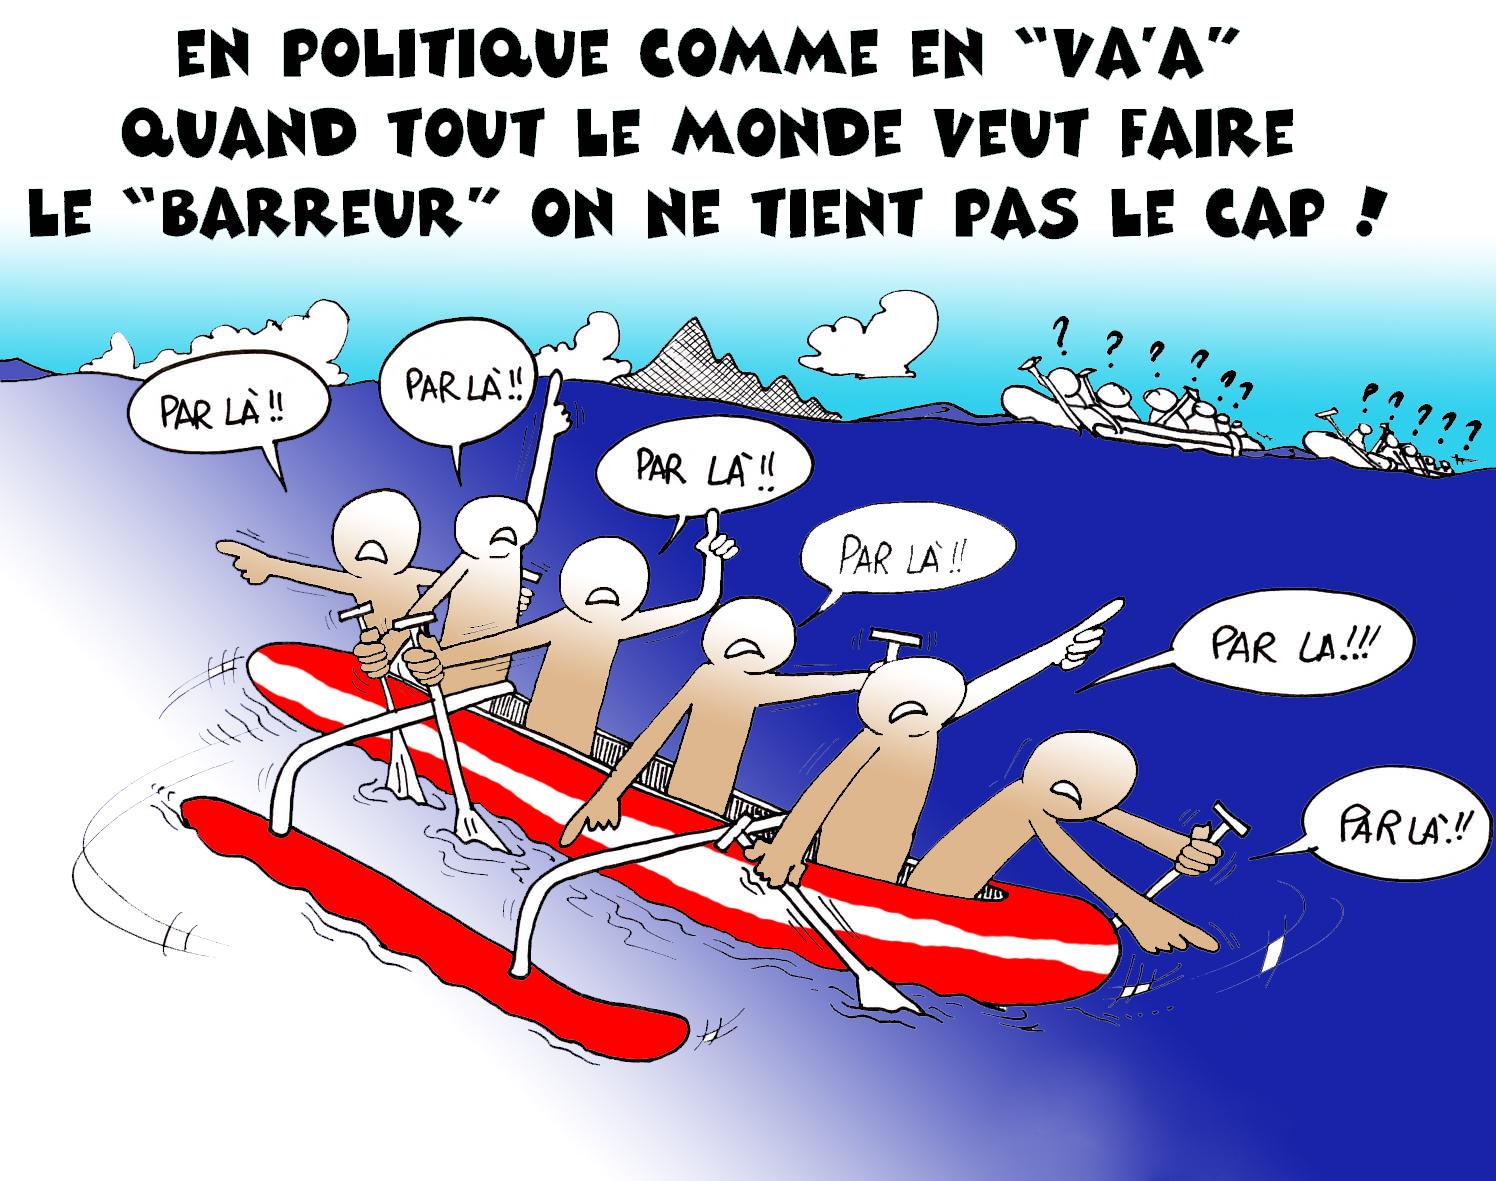 """"""" Les peperu de la politique """" vu par Munoz"""